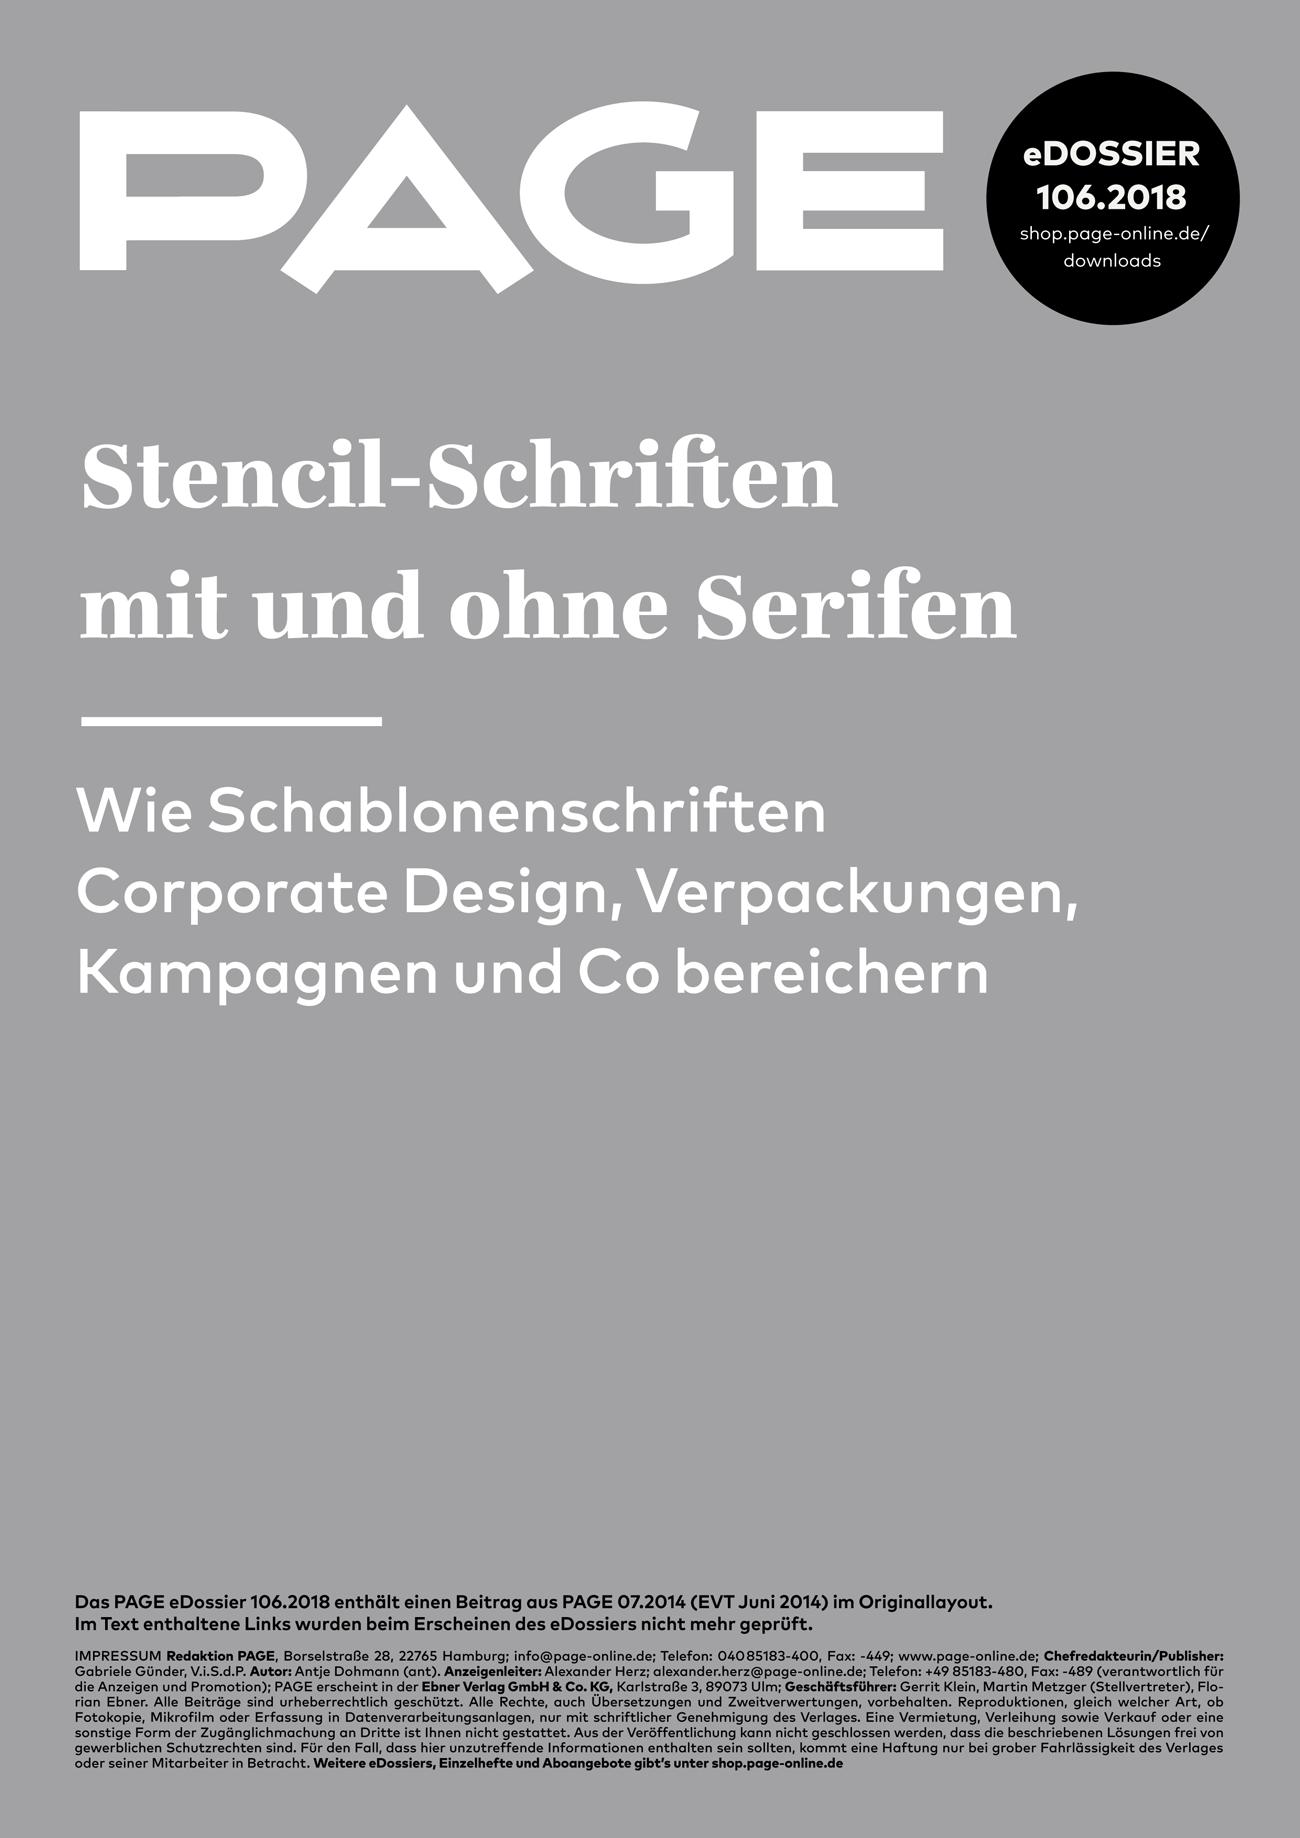 Stencil-Schriften